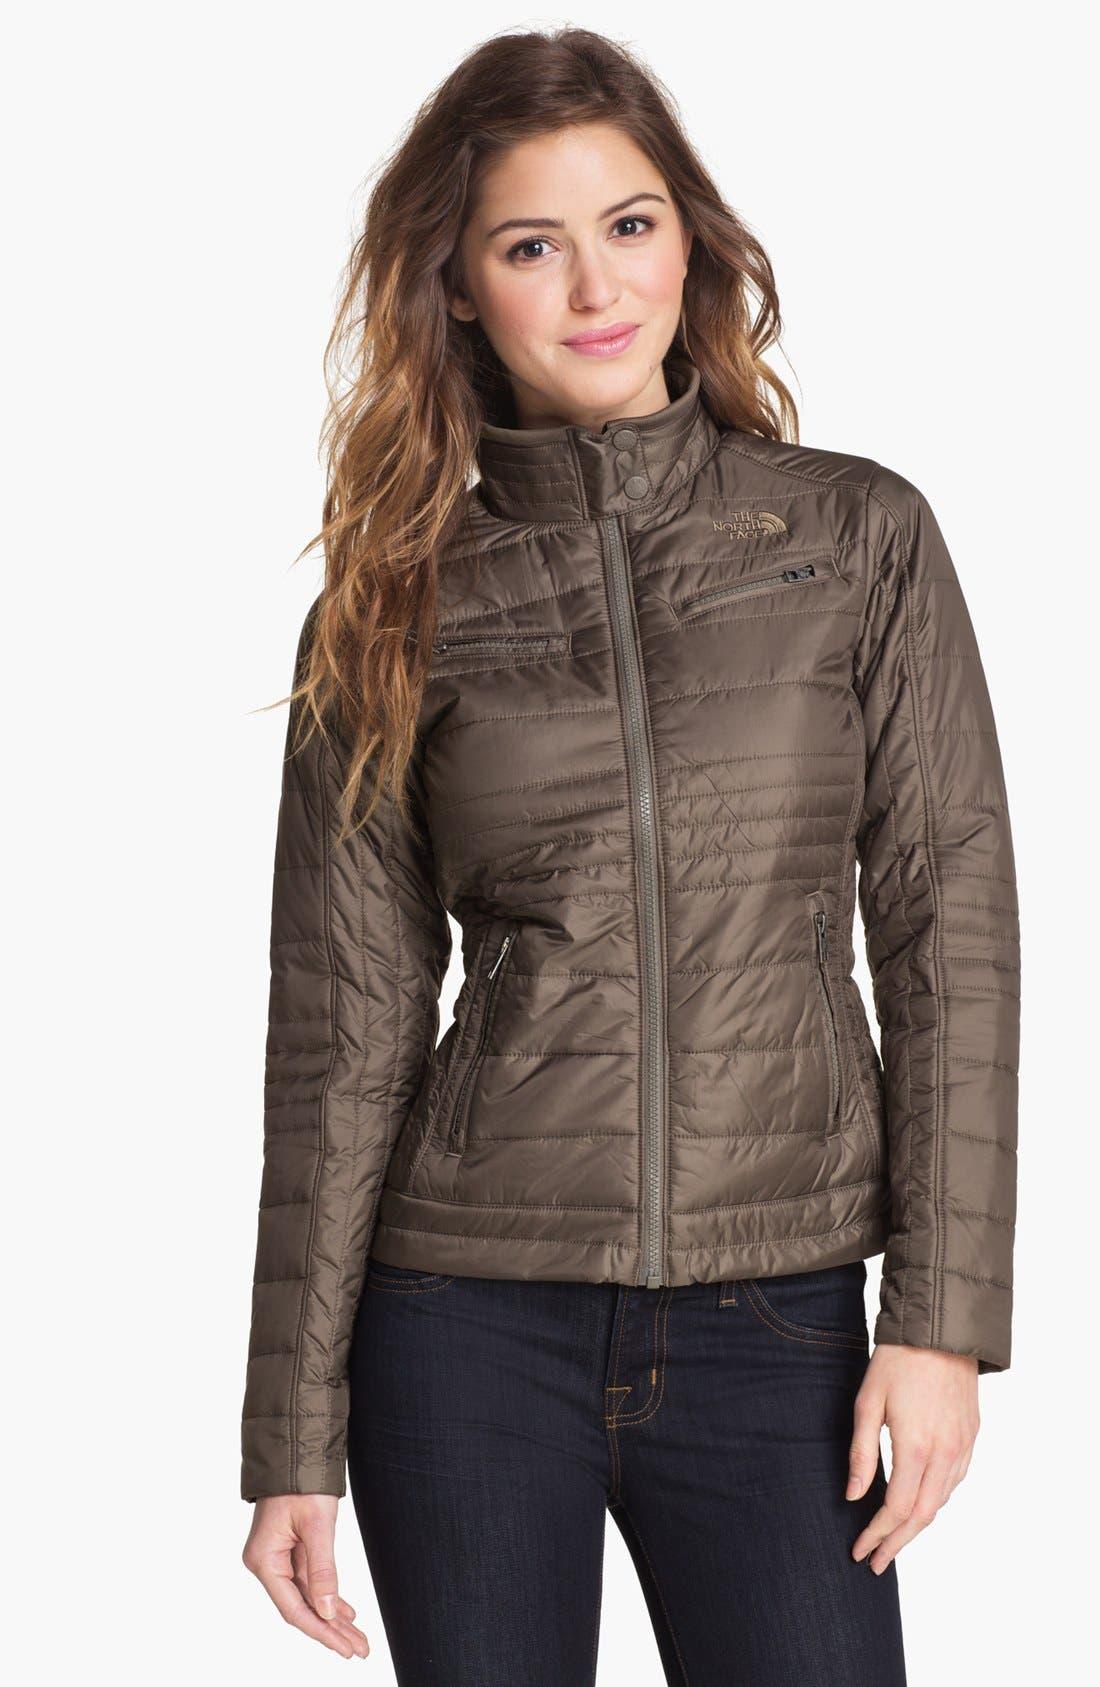 Main Image - The North Face 'Midori' Moto Jacket